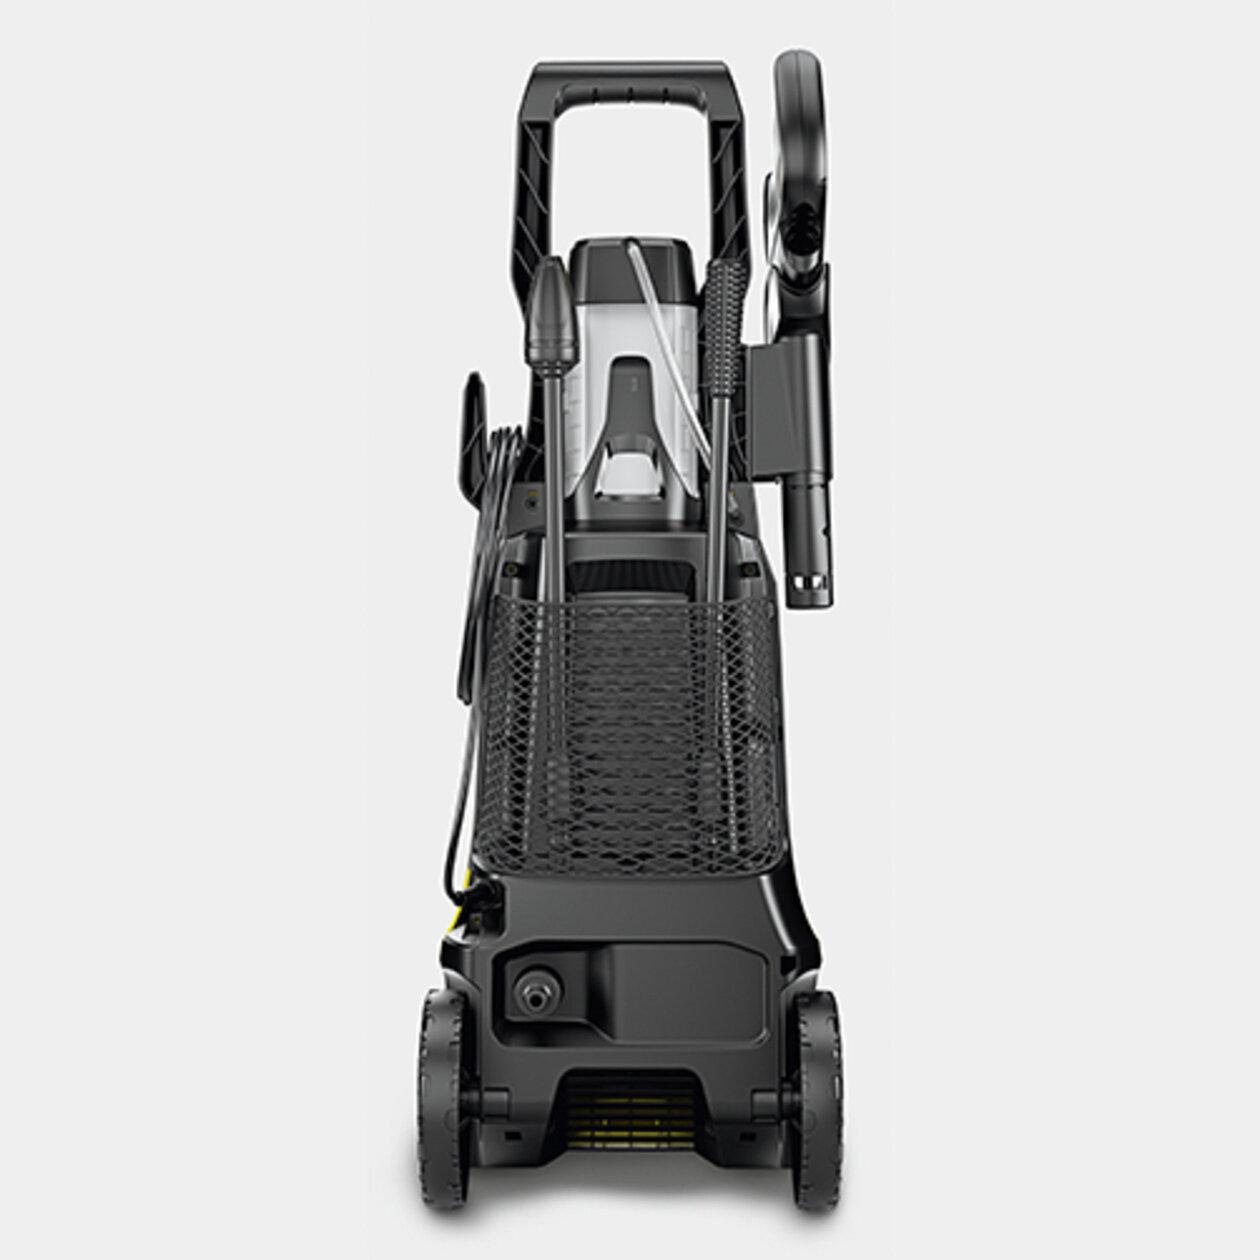 Мини-мойка K 4 Promo Basic Car: Хранение аксессуаров на аппарате